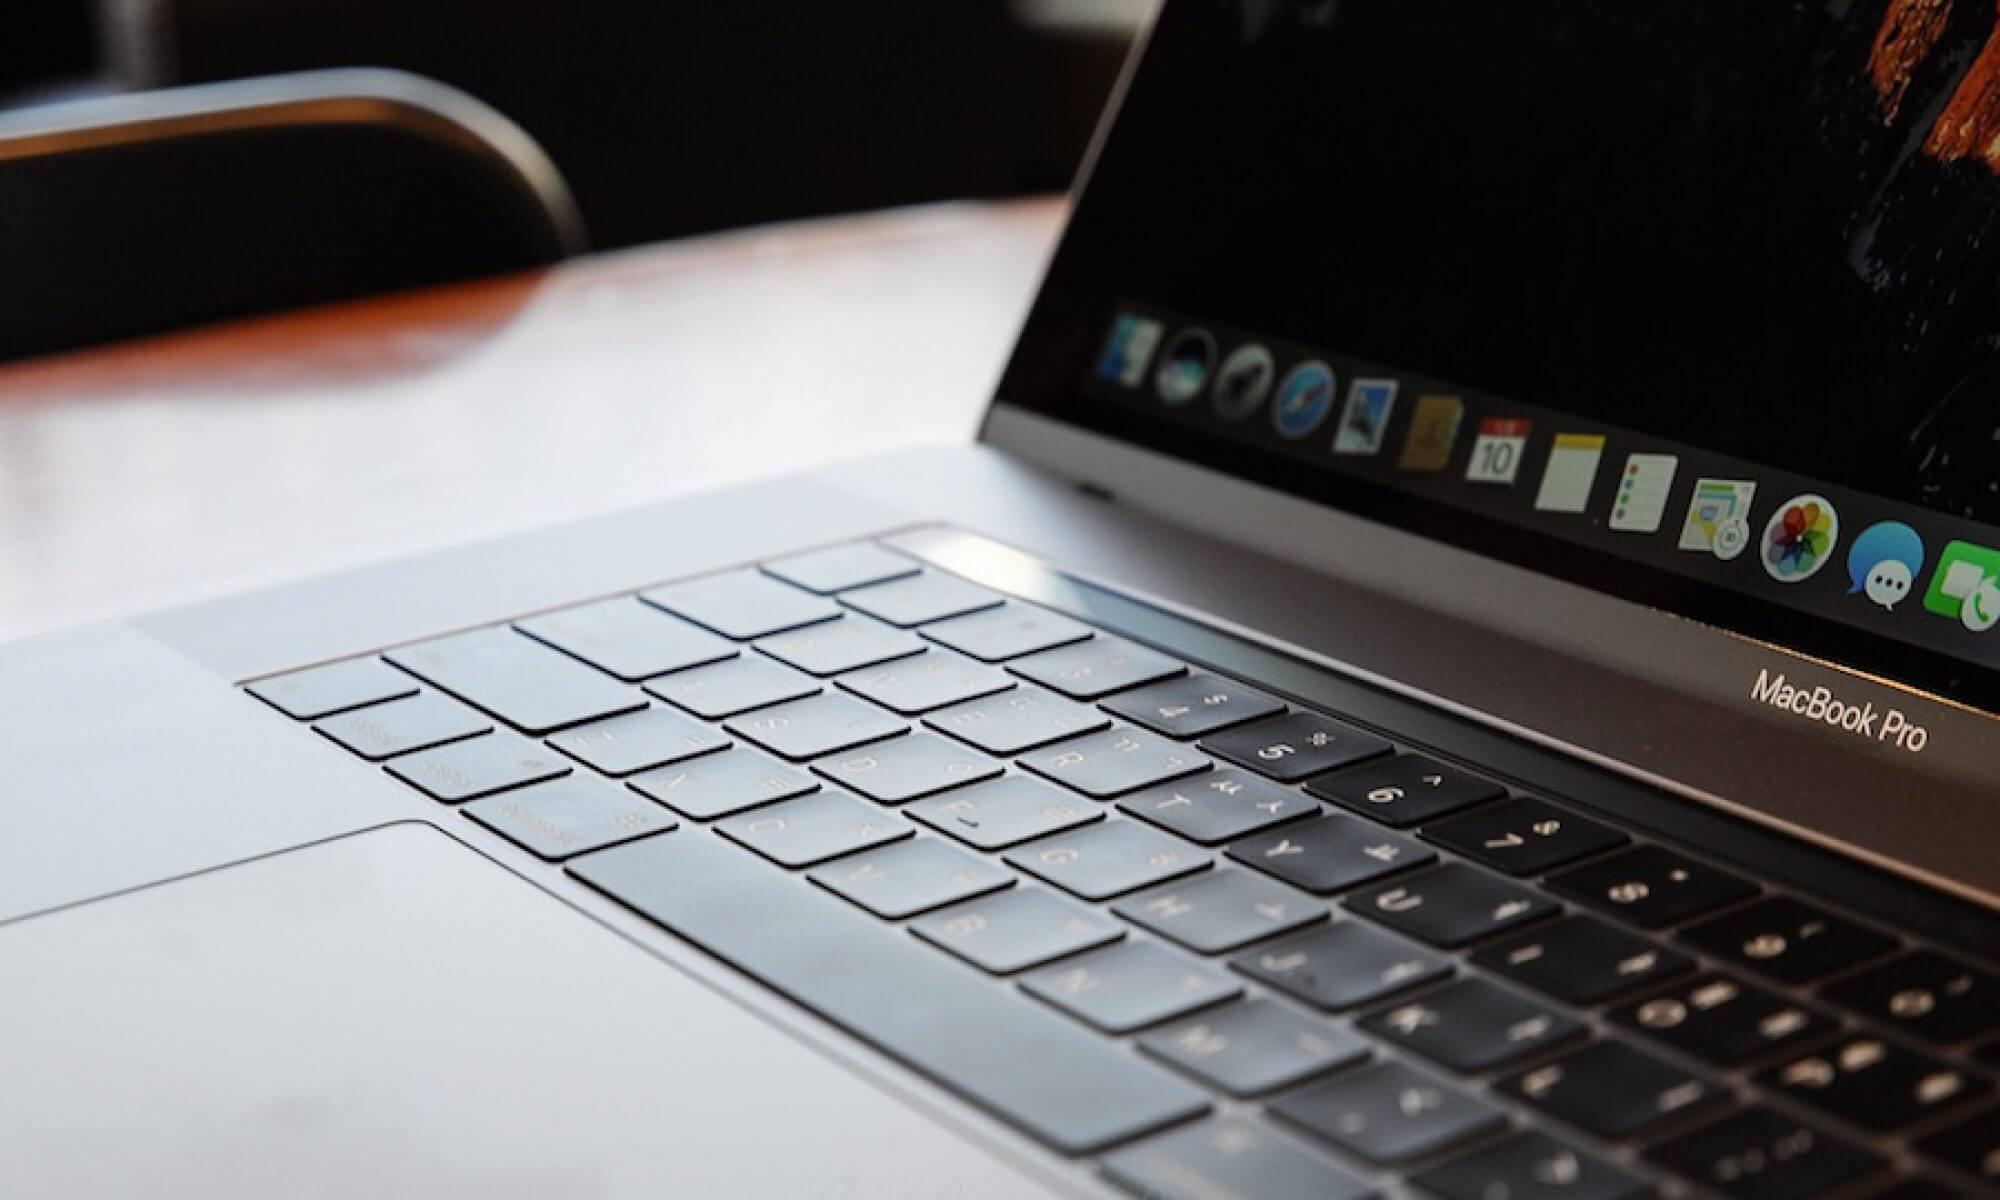 Как узнать, какие приложения не будут работать в следующей версии macOS?